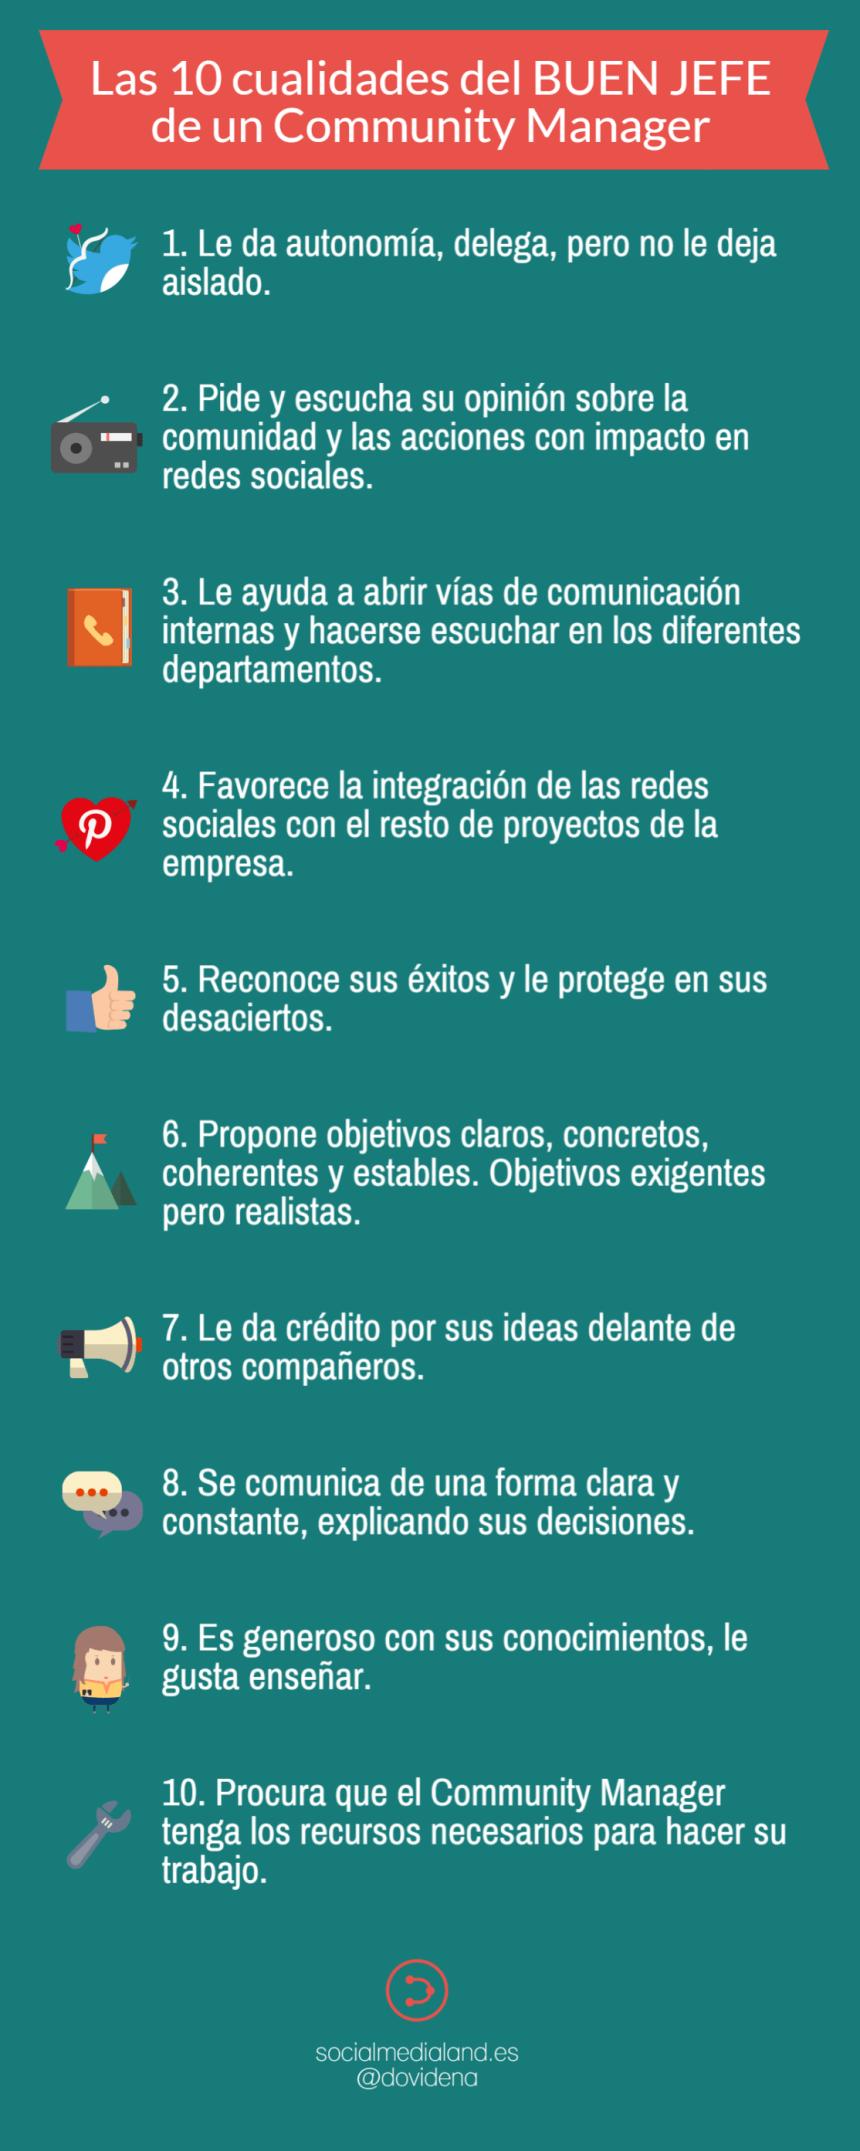 Las 10 cualidades del buen jefe de un Community Manager